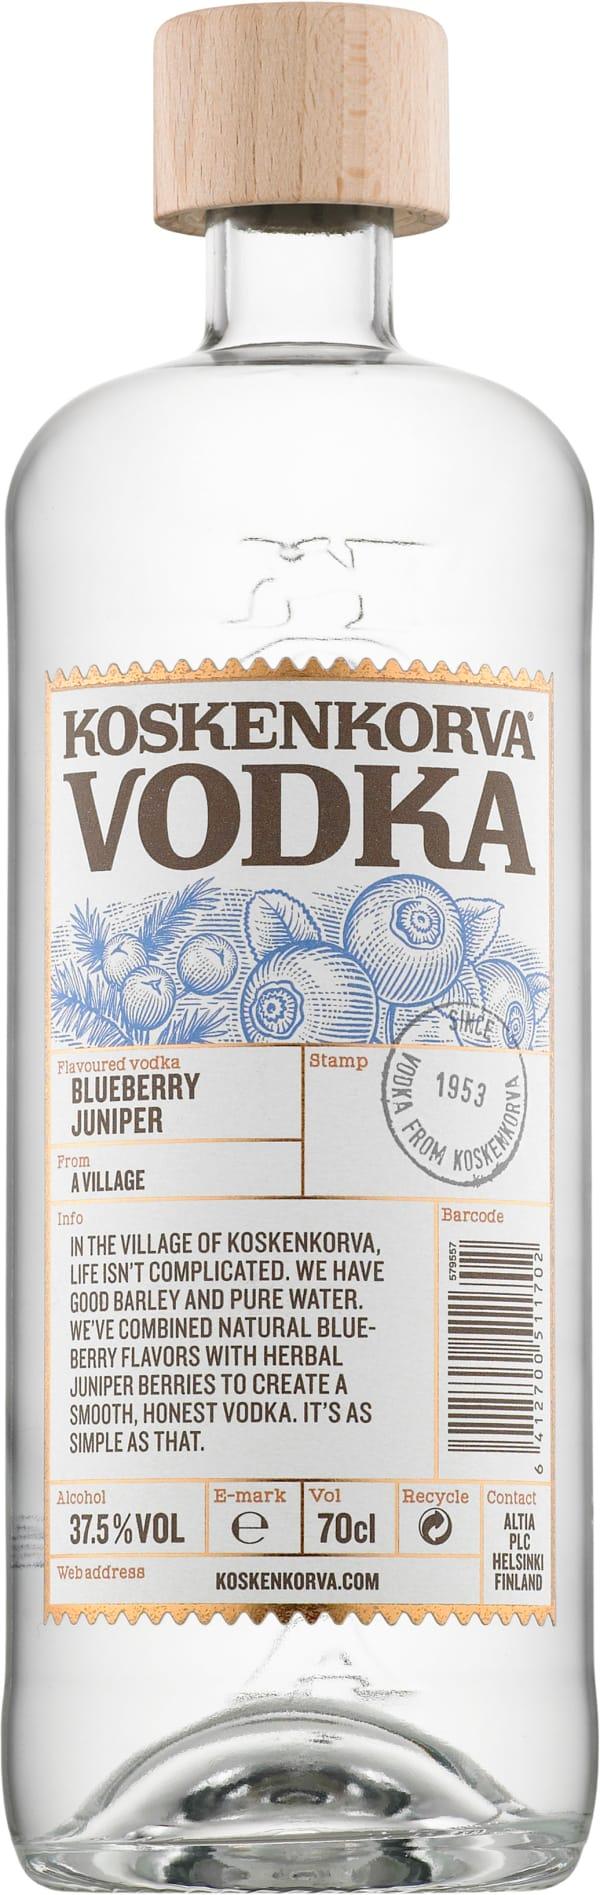 Koskenkorva Vodka Blueberry Juniper